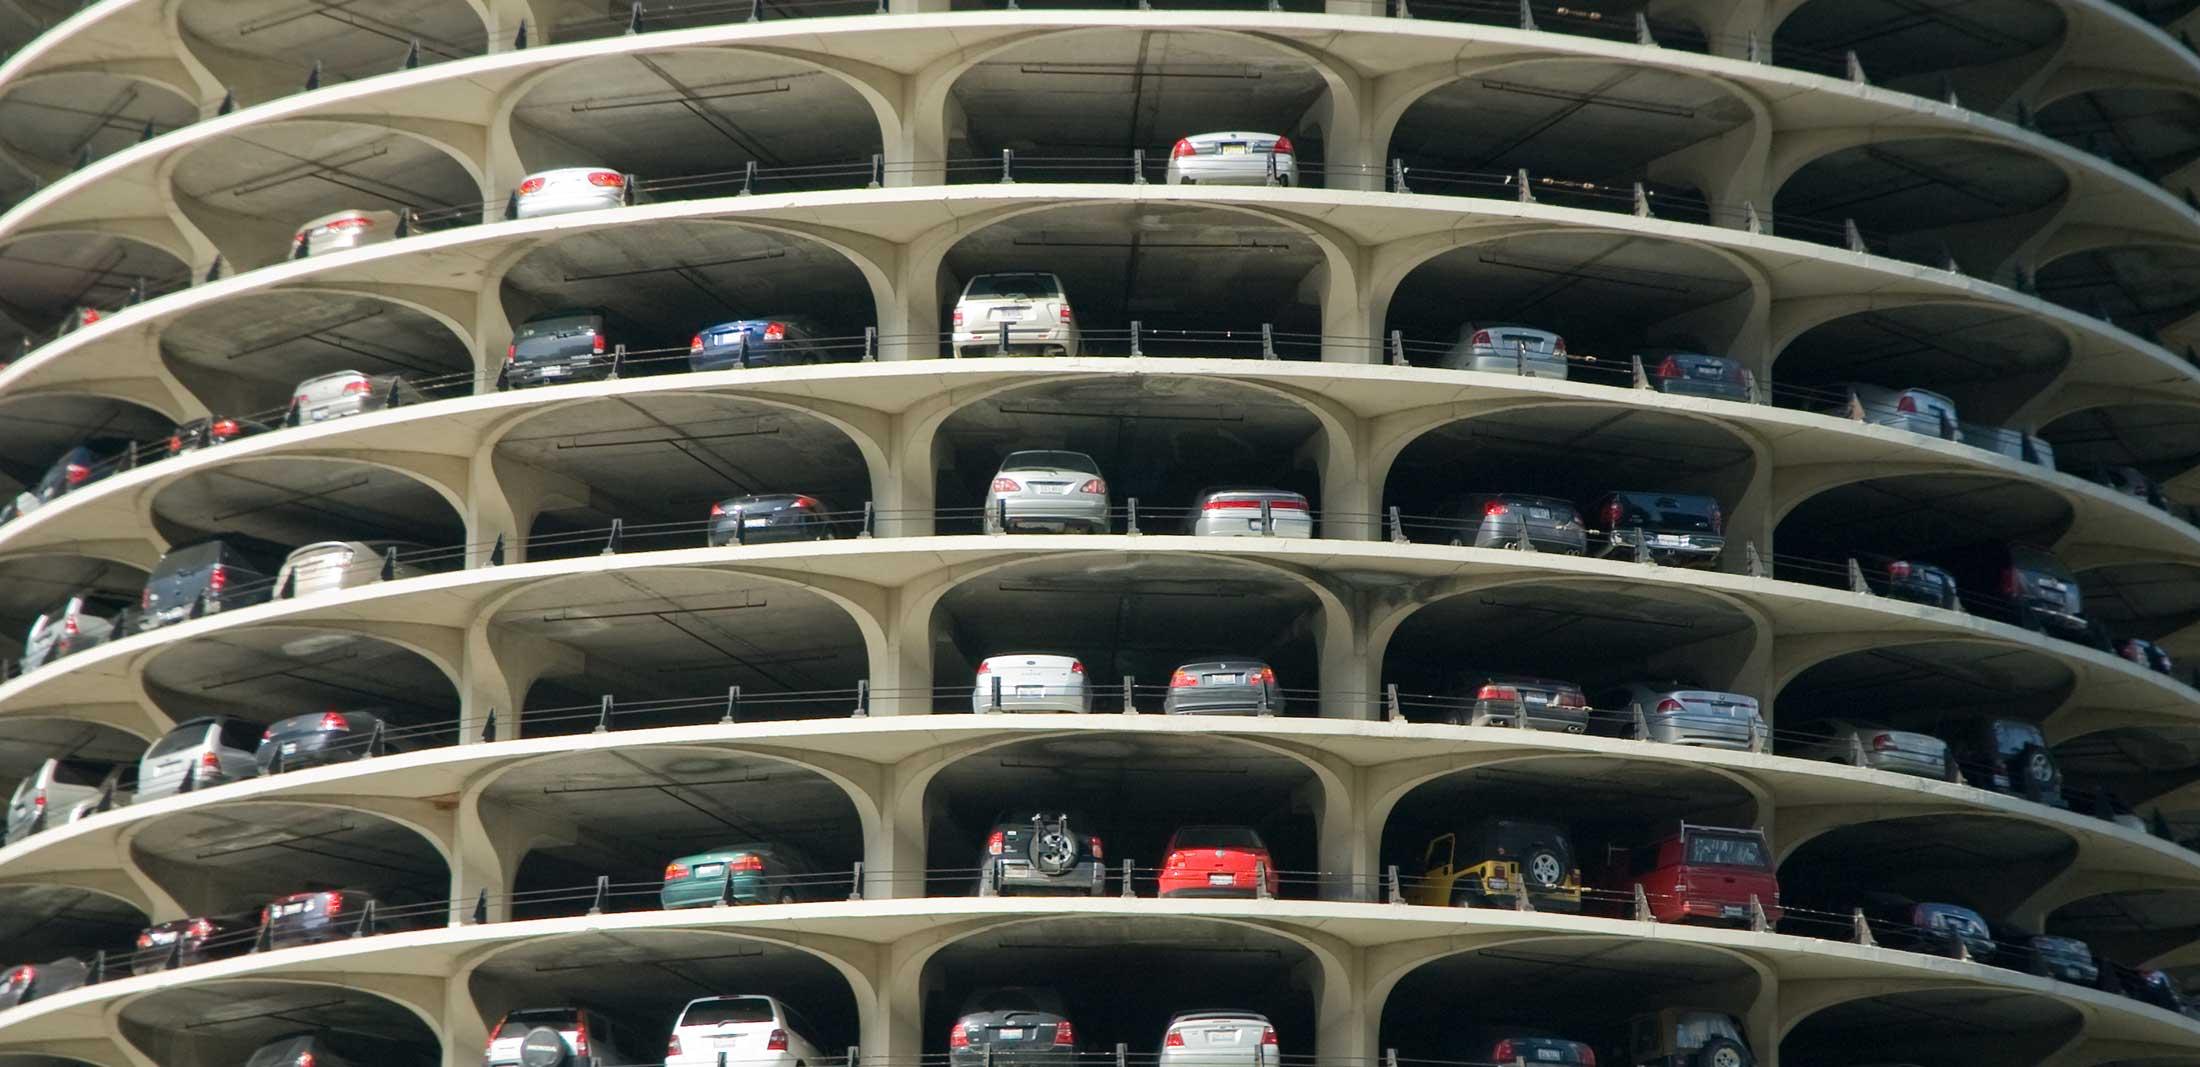 Parking Garage Barrier System